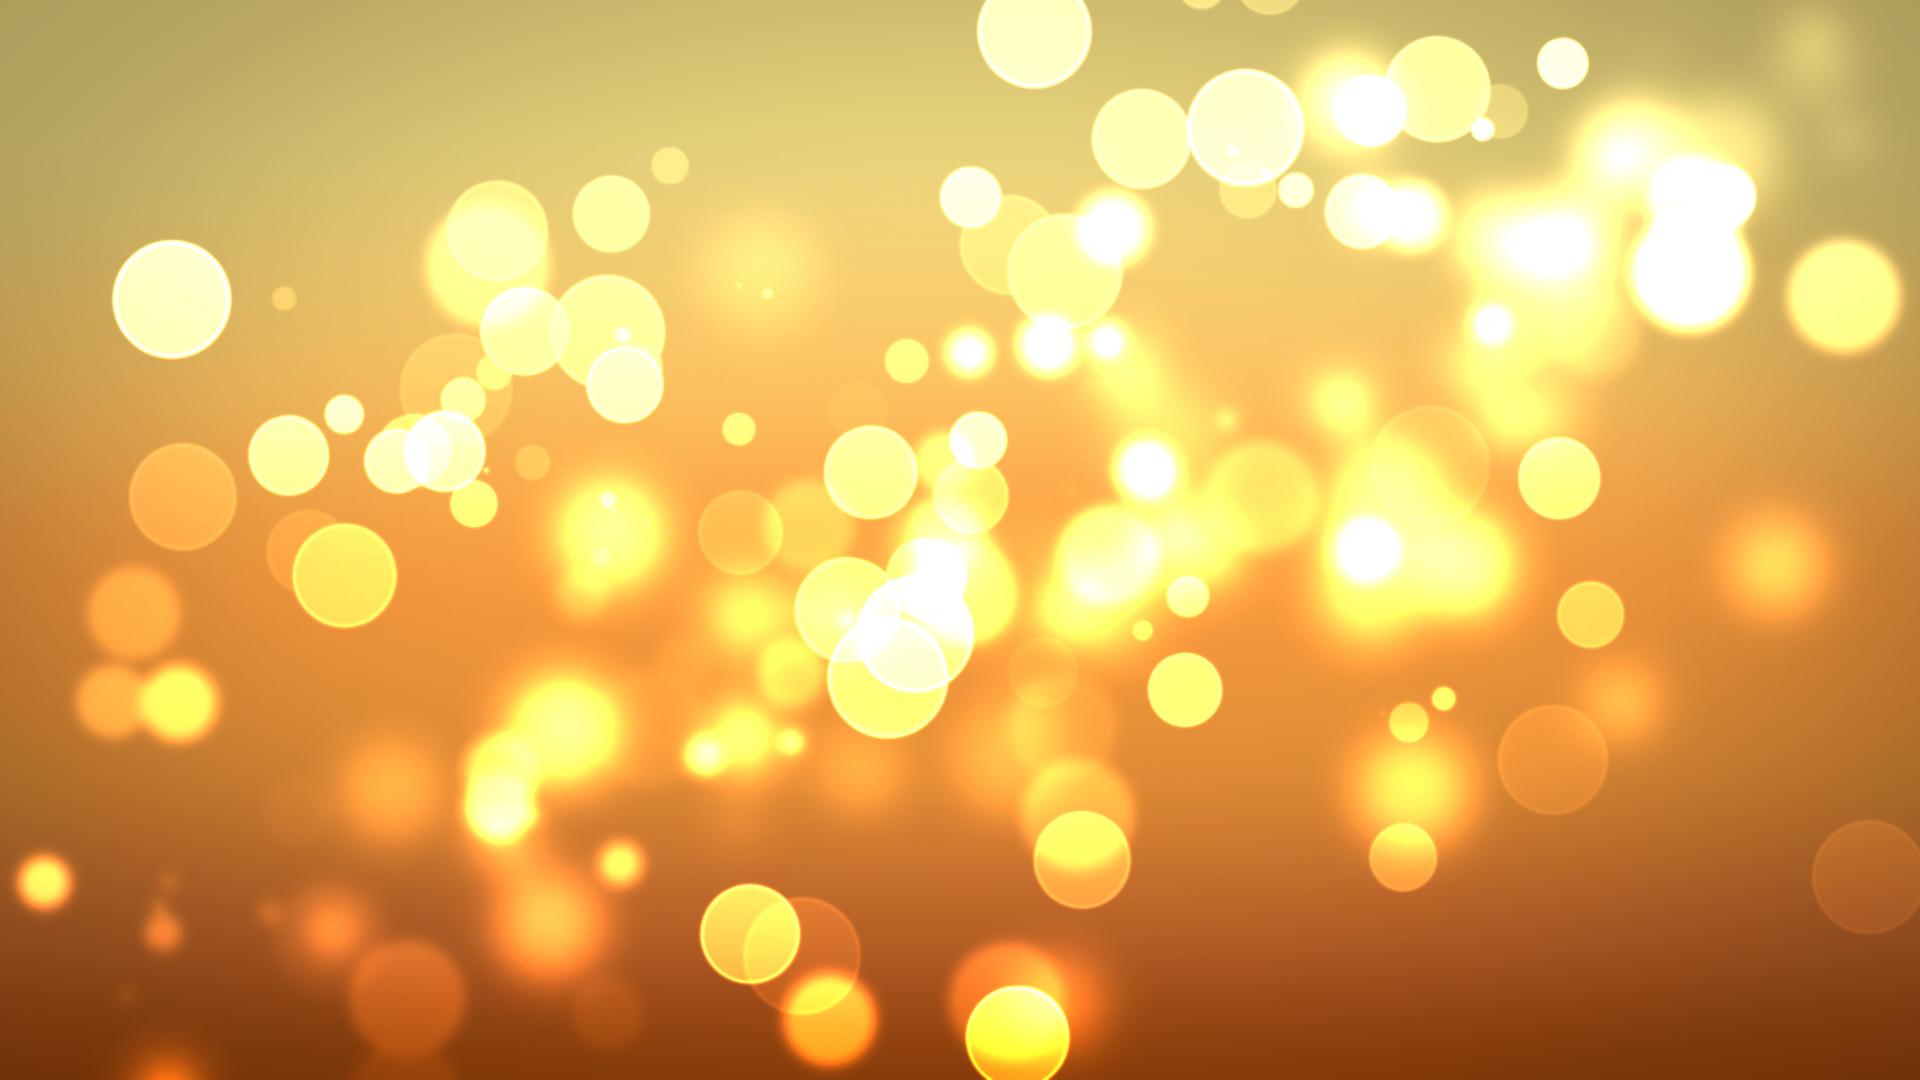 1920x1080 Download Golden Circles Of Light Wallpaper